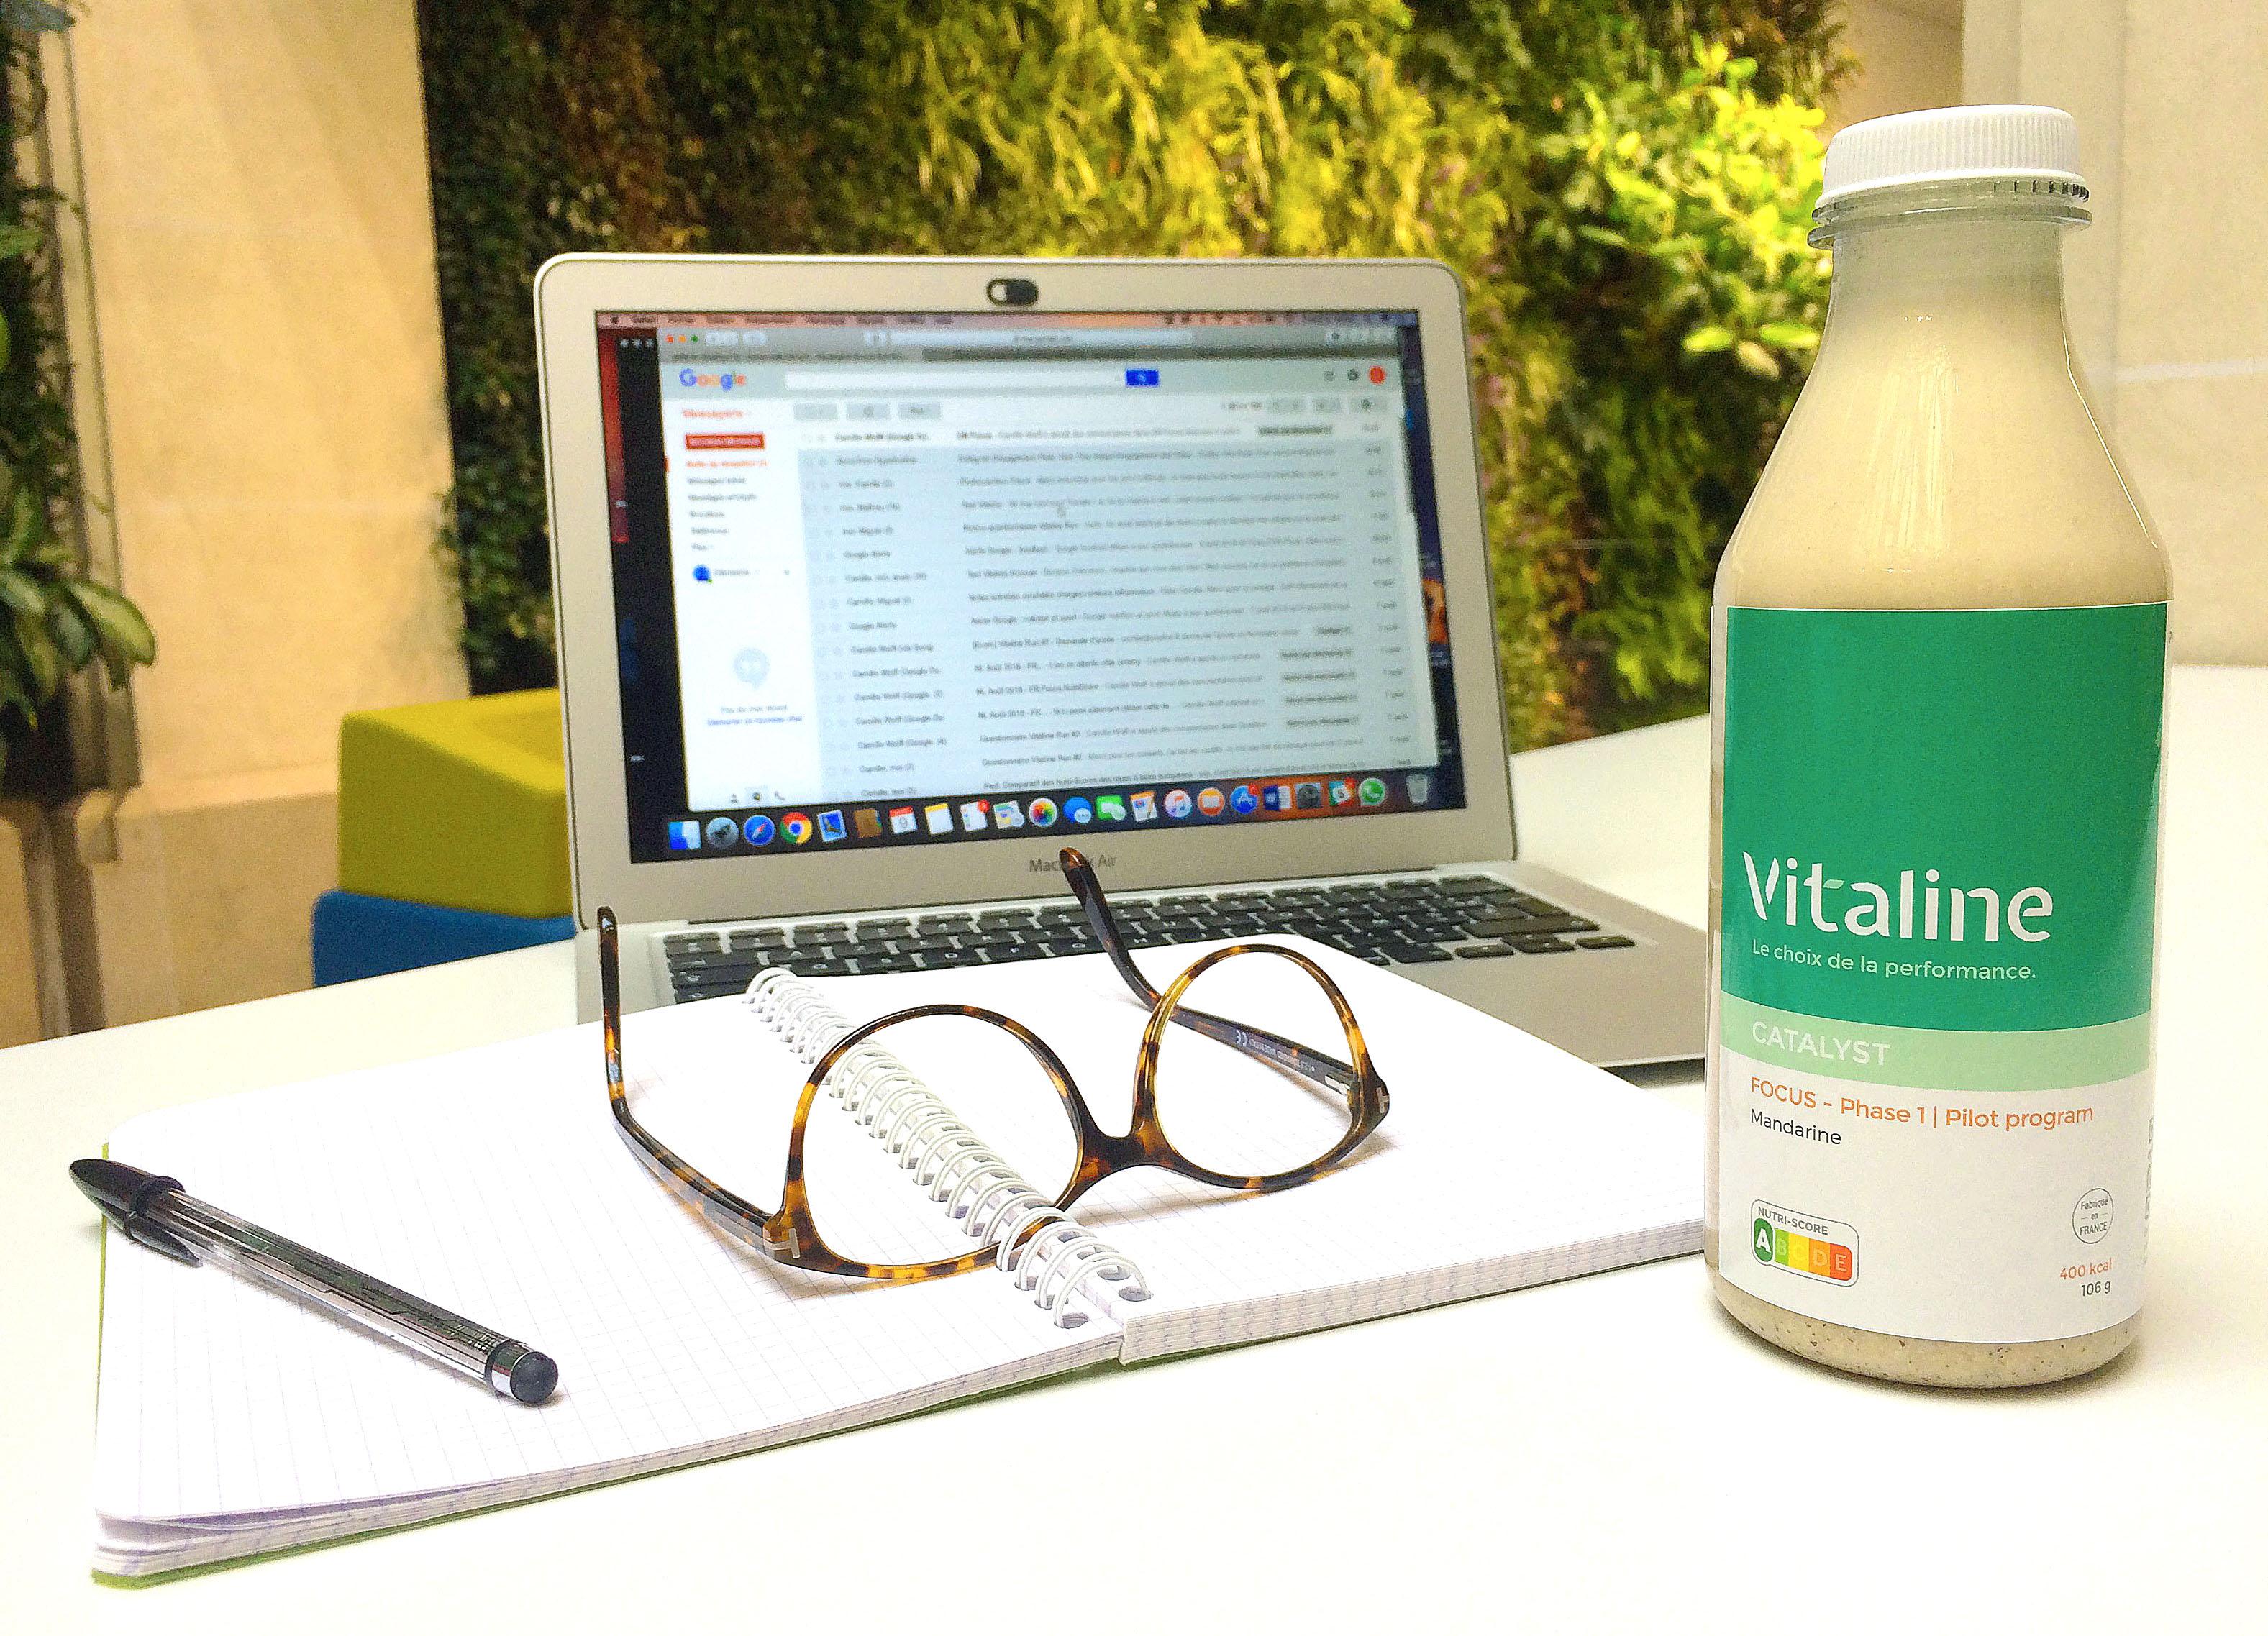 Focus v1 - Vitaline Focus, un encas pour être plus performant intellectuellement